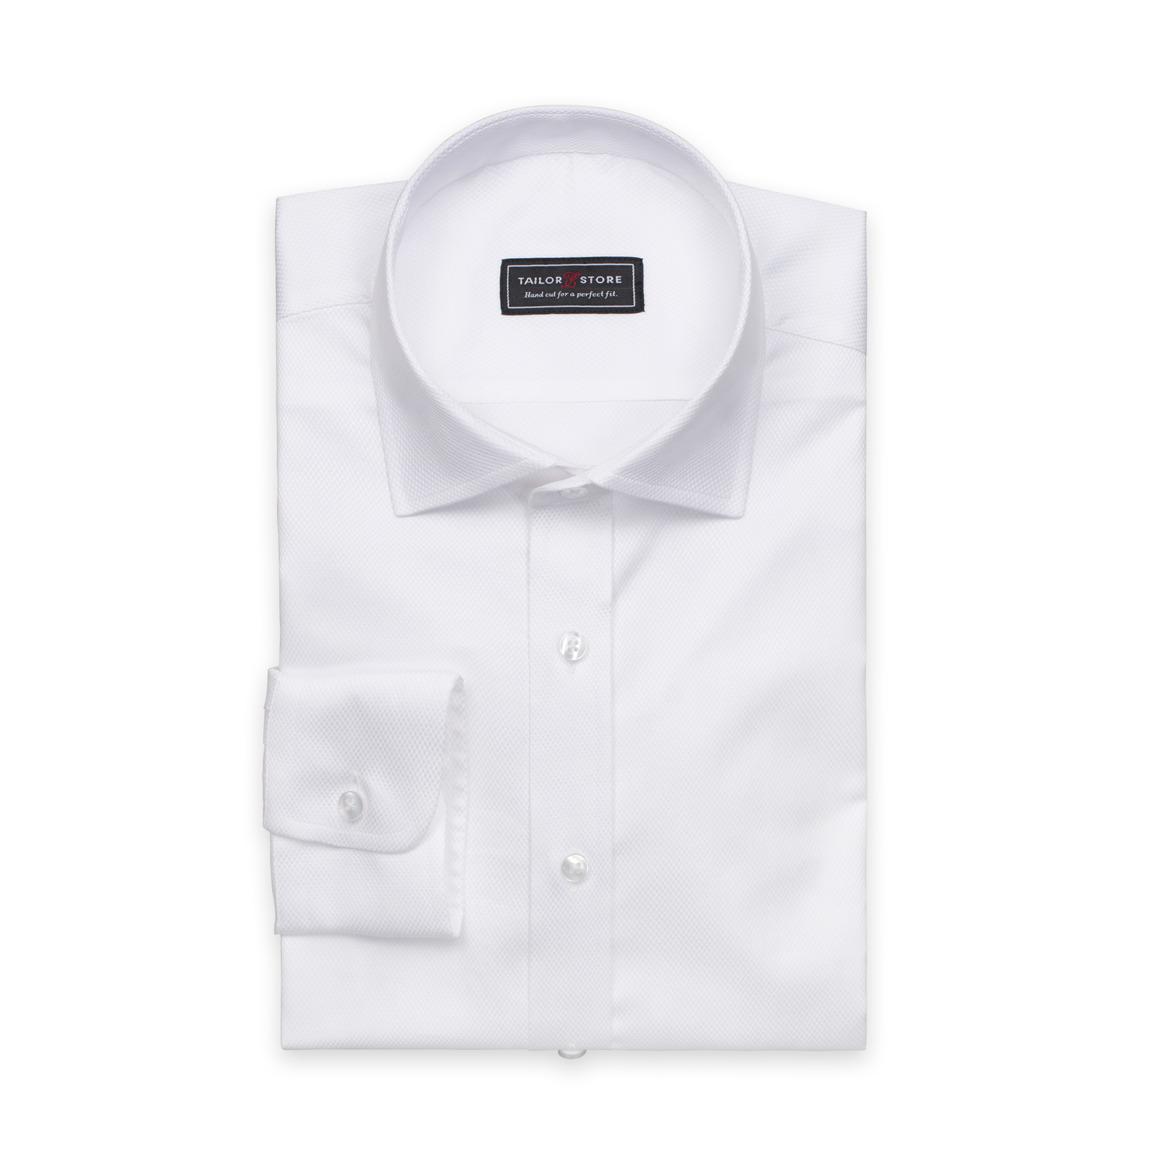 White dobby weaved cotton shirt